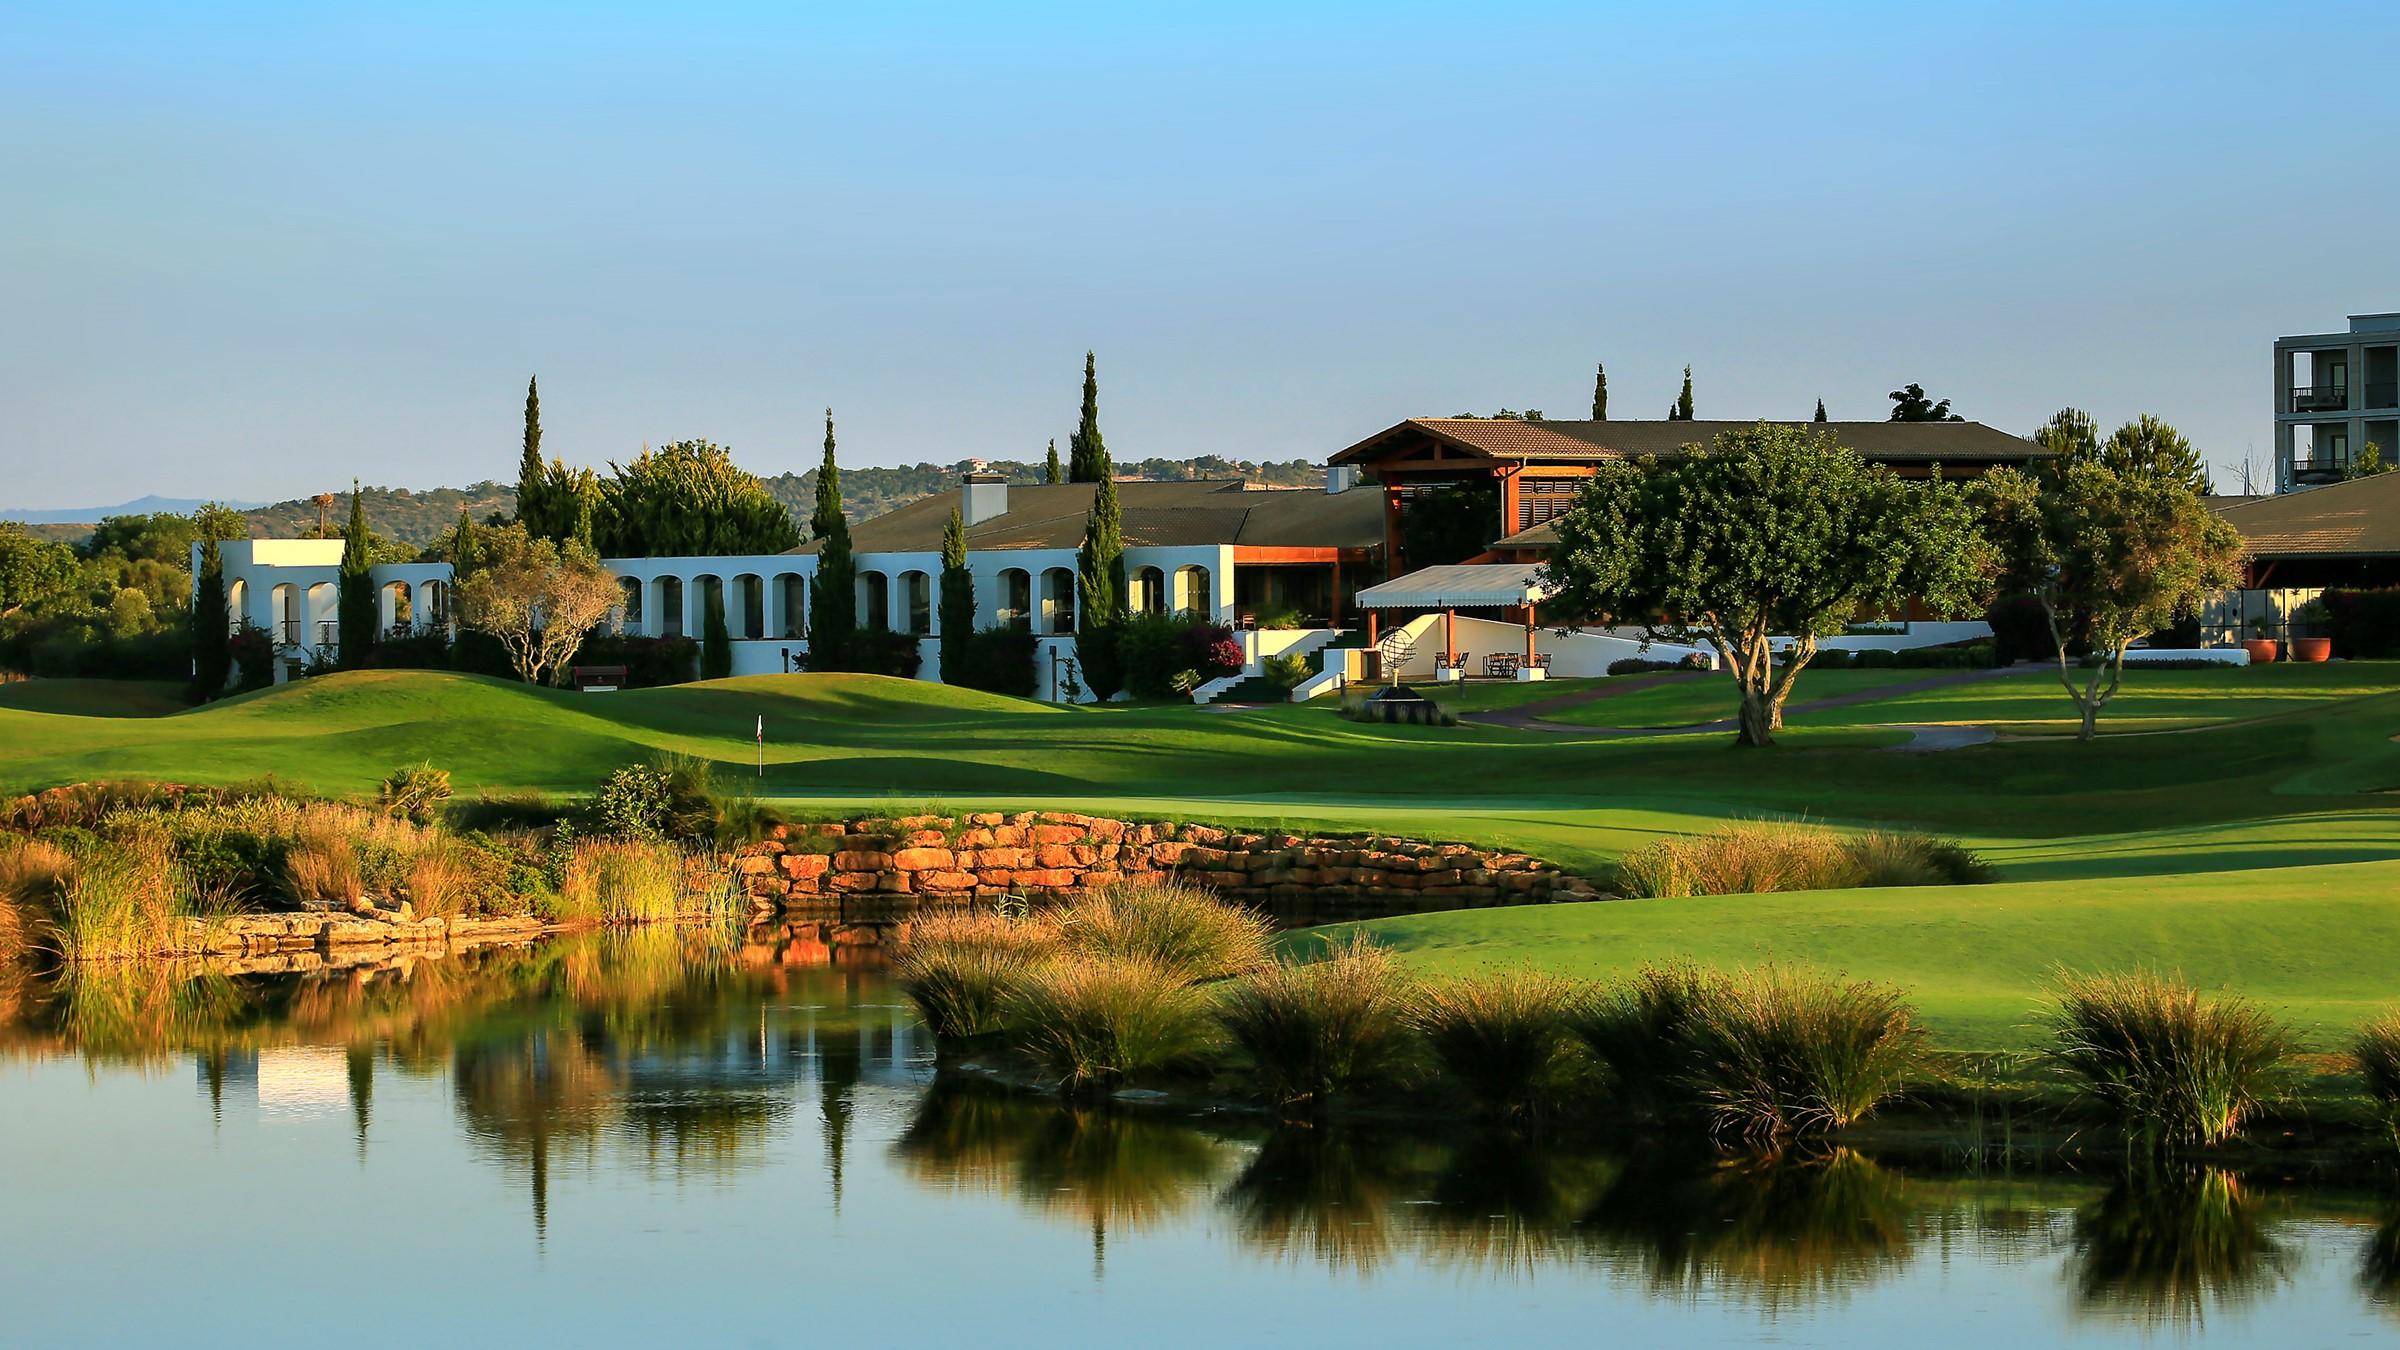 Golf Courses in Portugal - Dom Pedro Victoria Golf Course